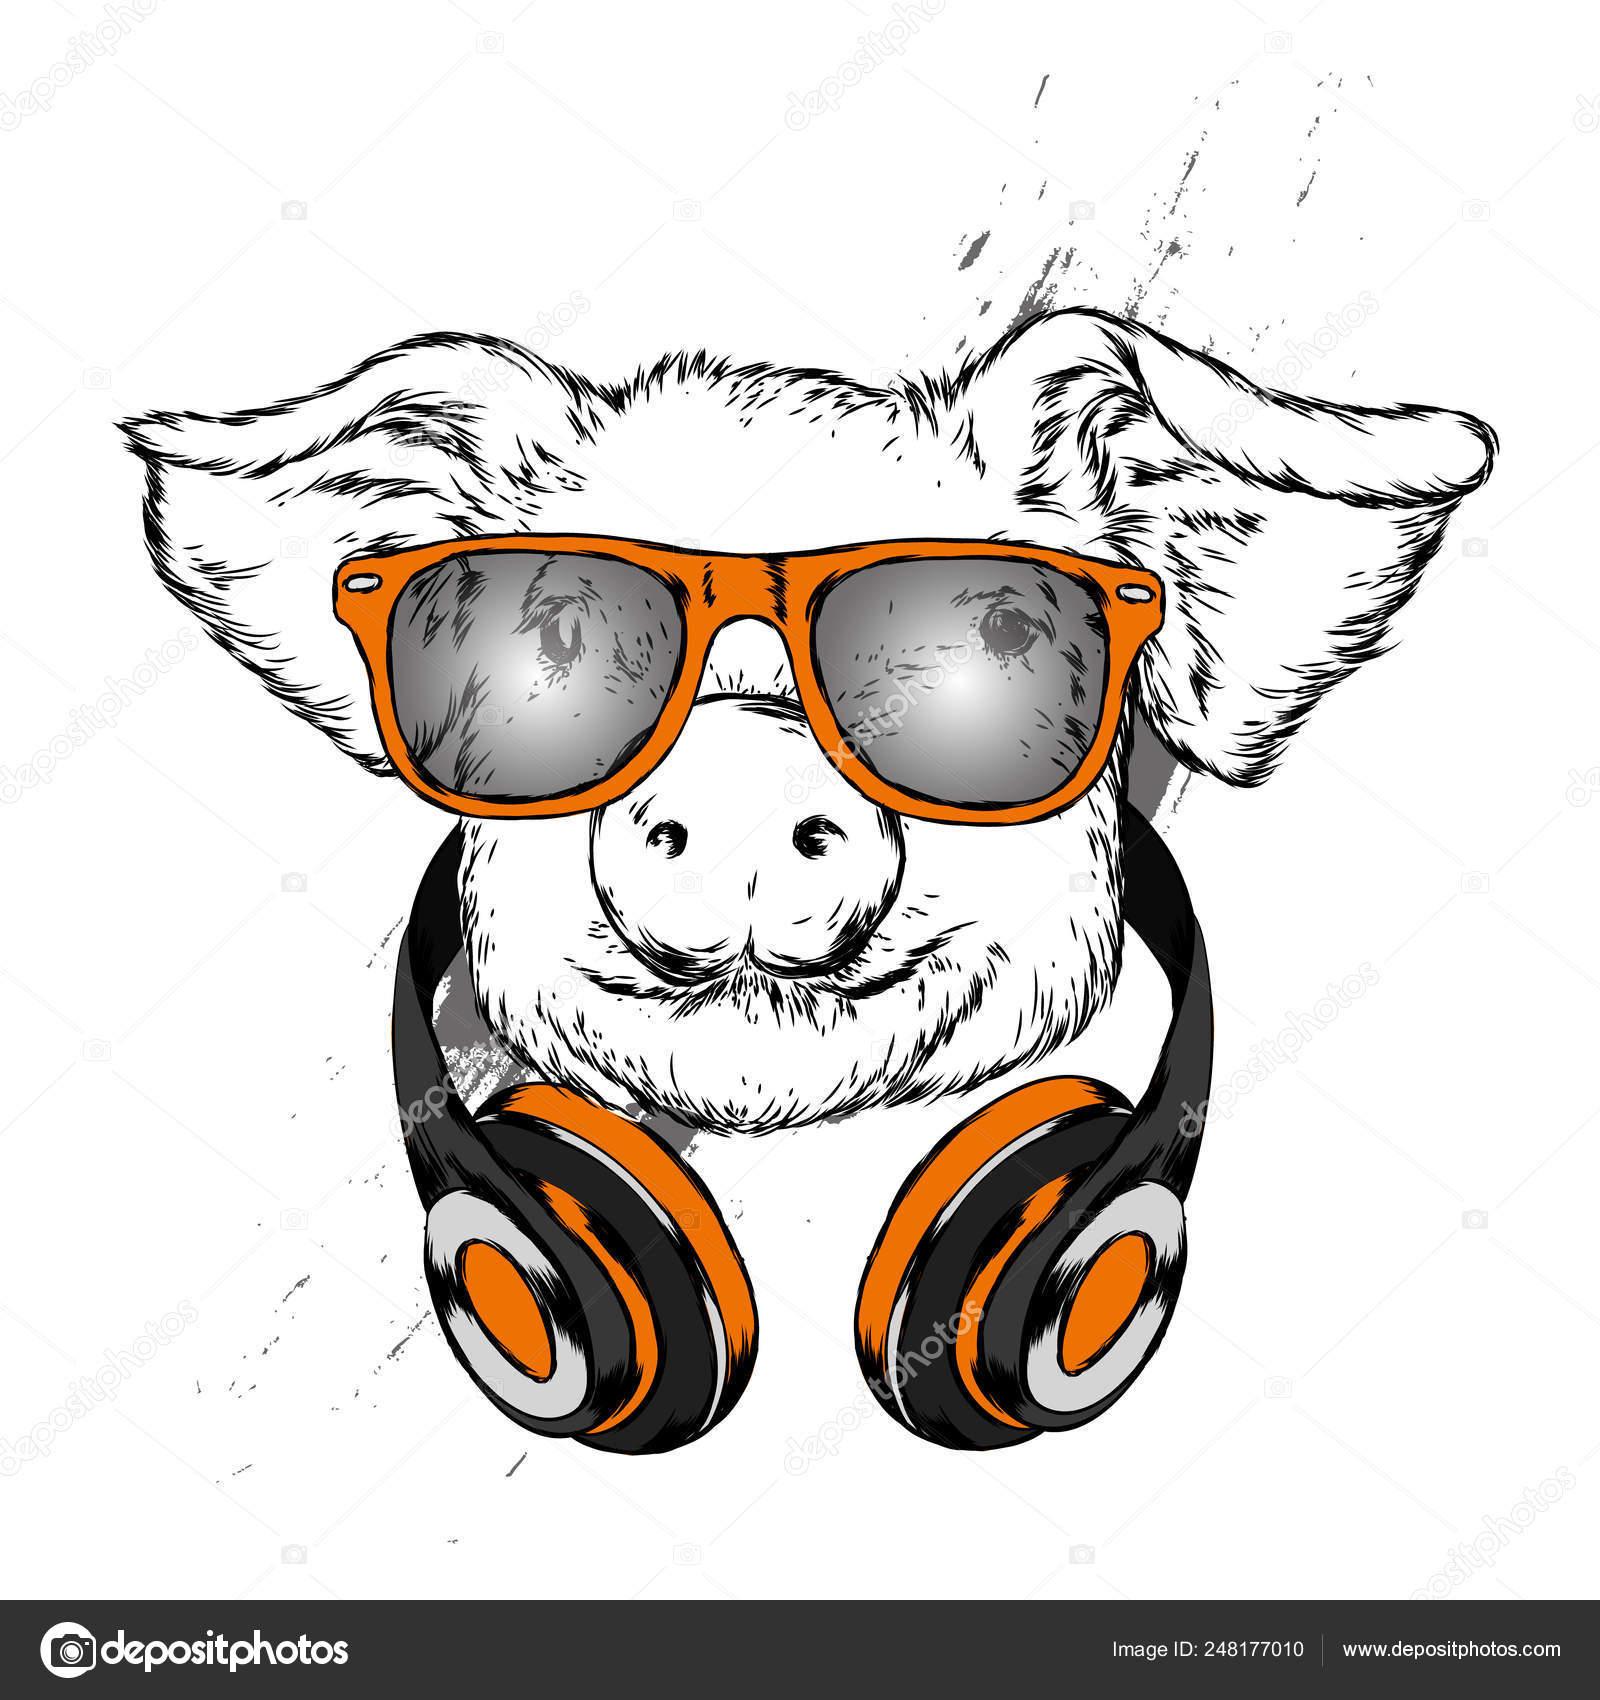 выбор свинья в наушниках картинка обойма предлагает